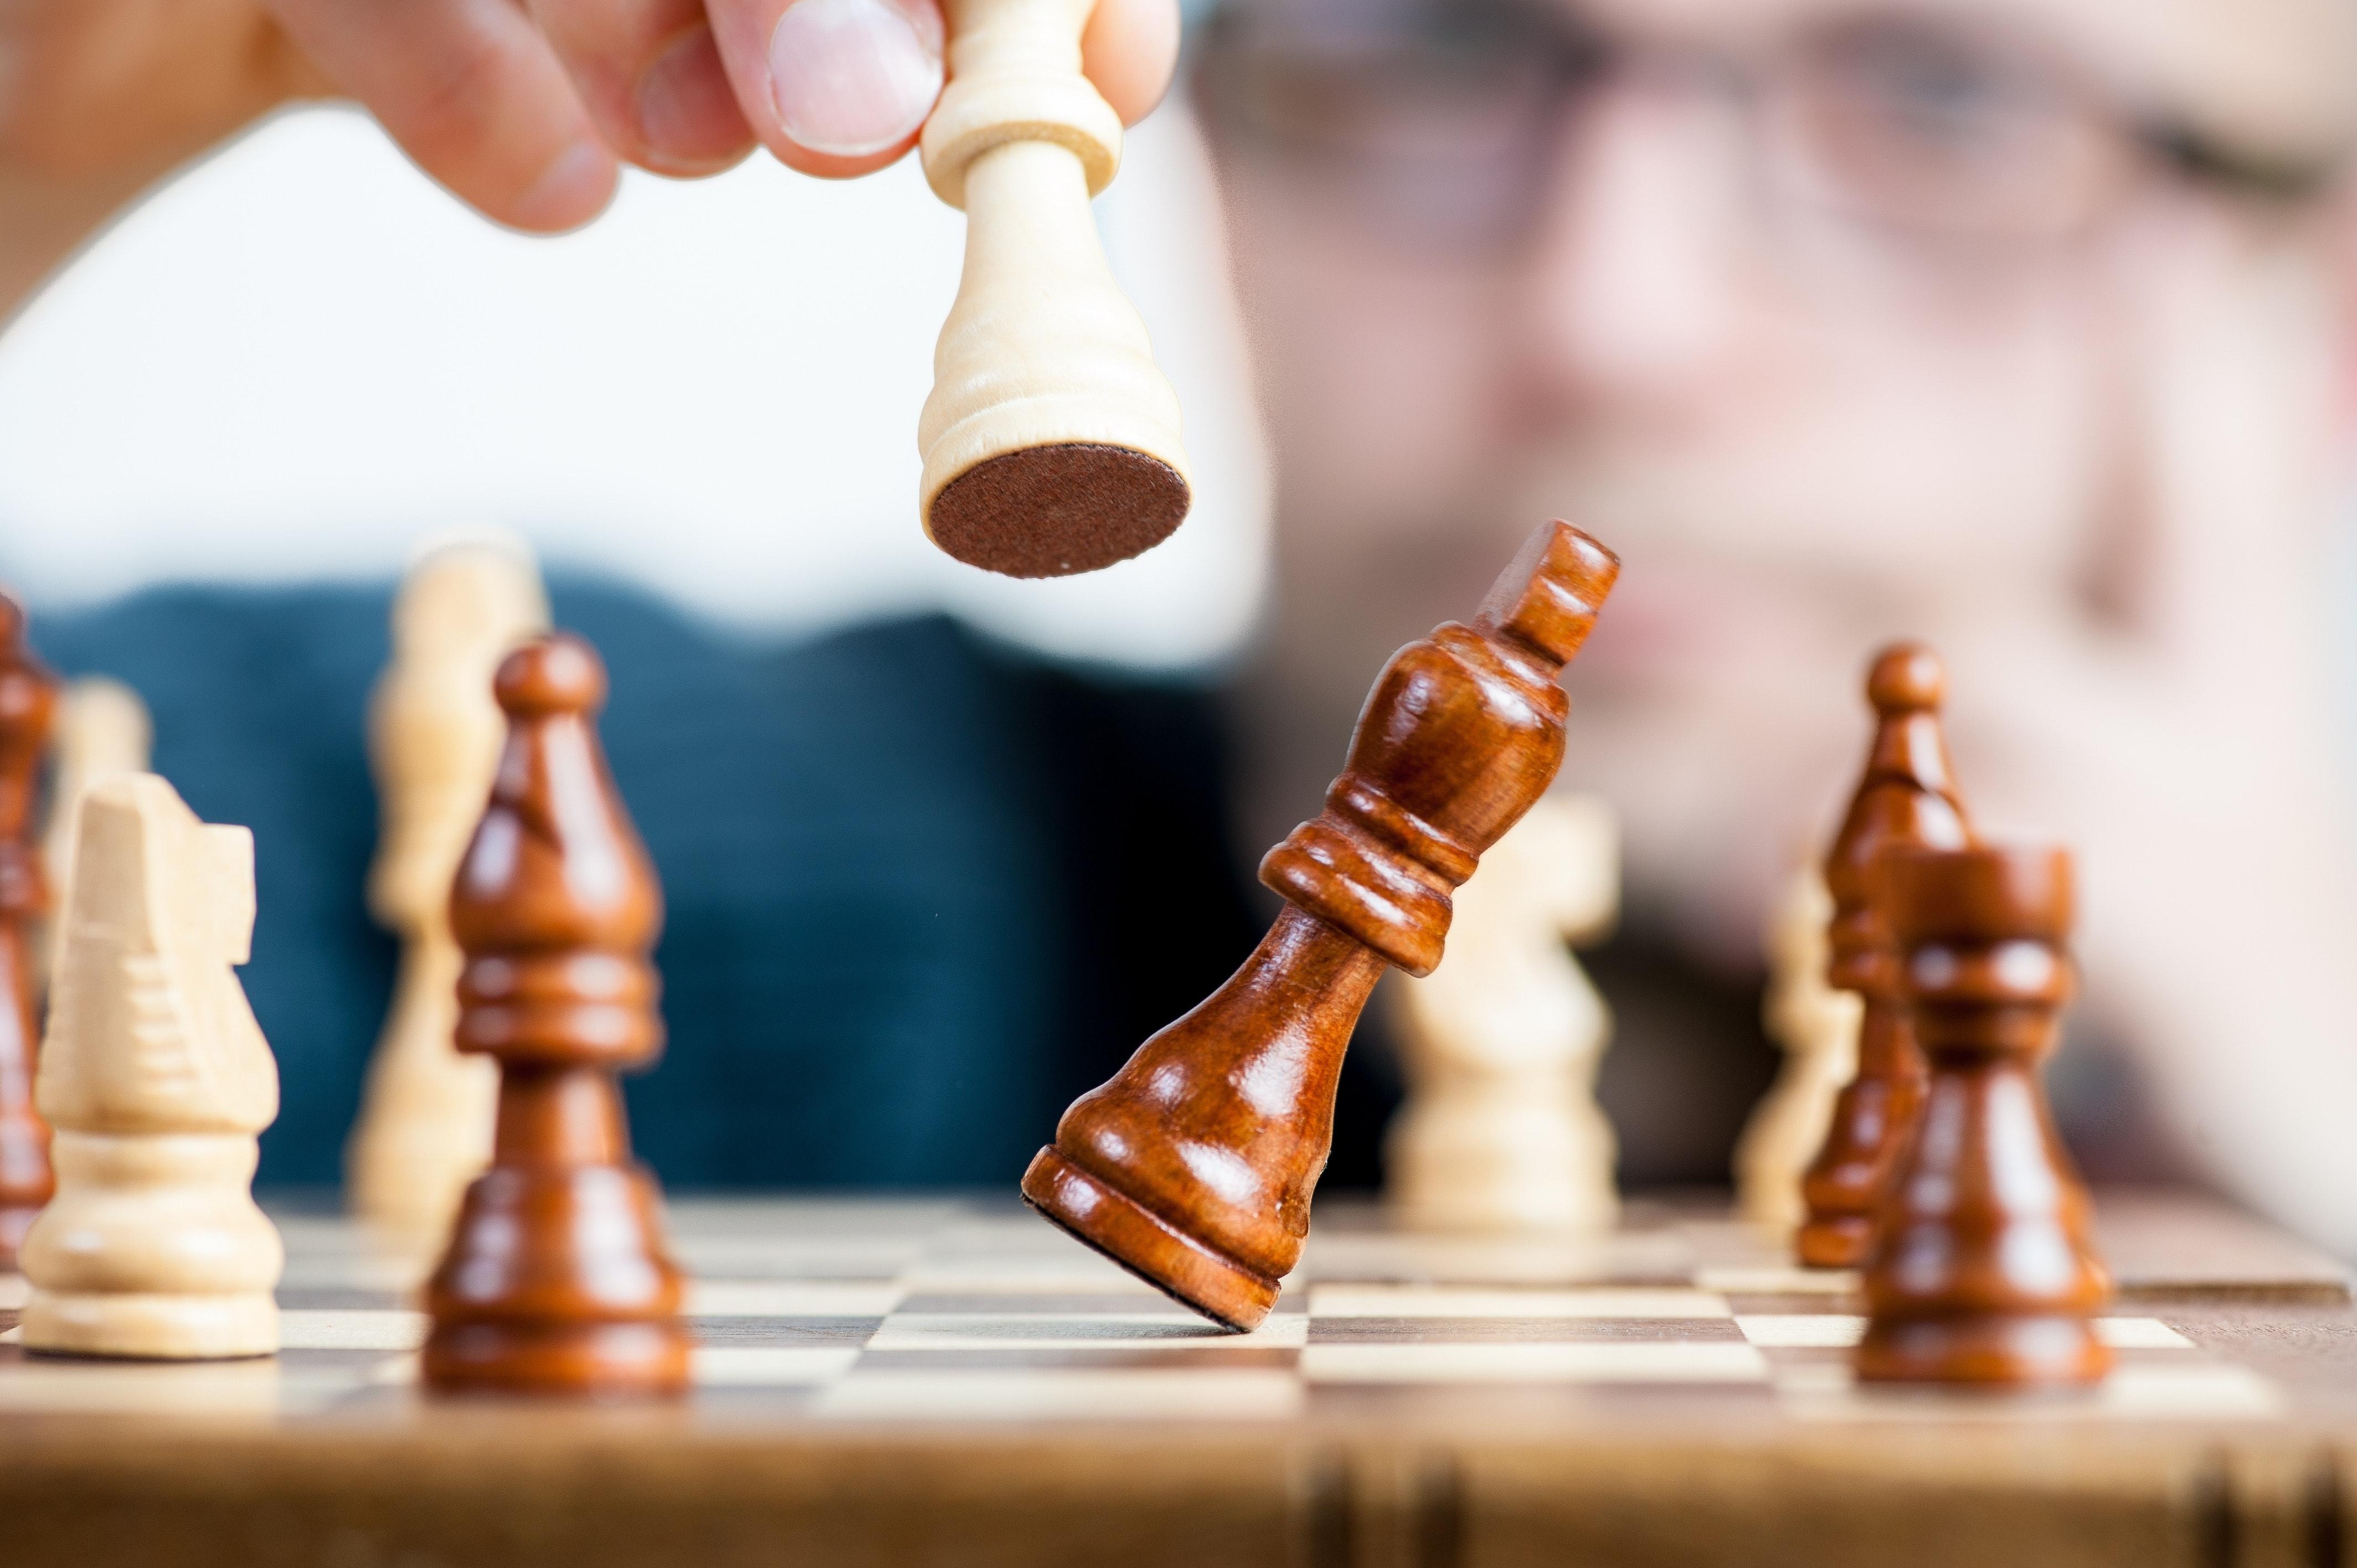 Les échecs, plus qu'un simple jeu de réflexion